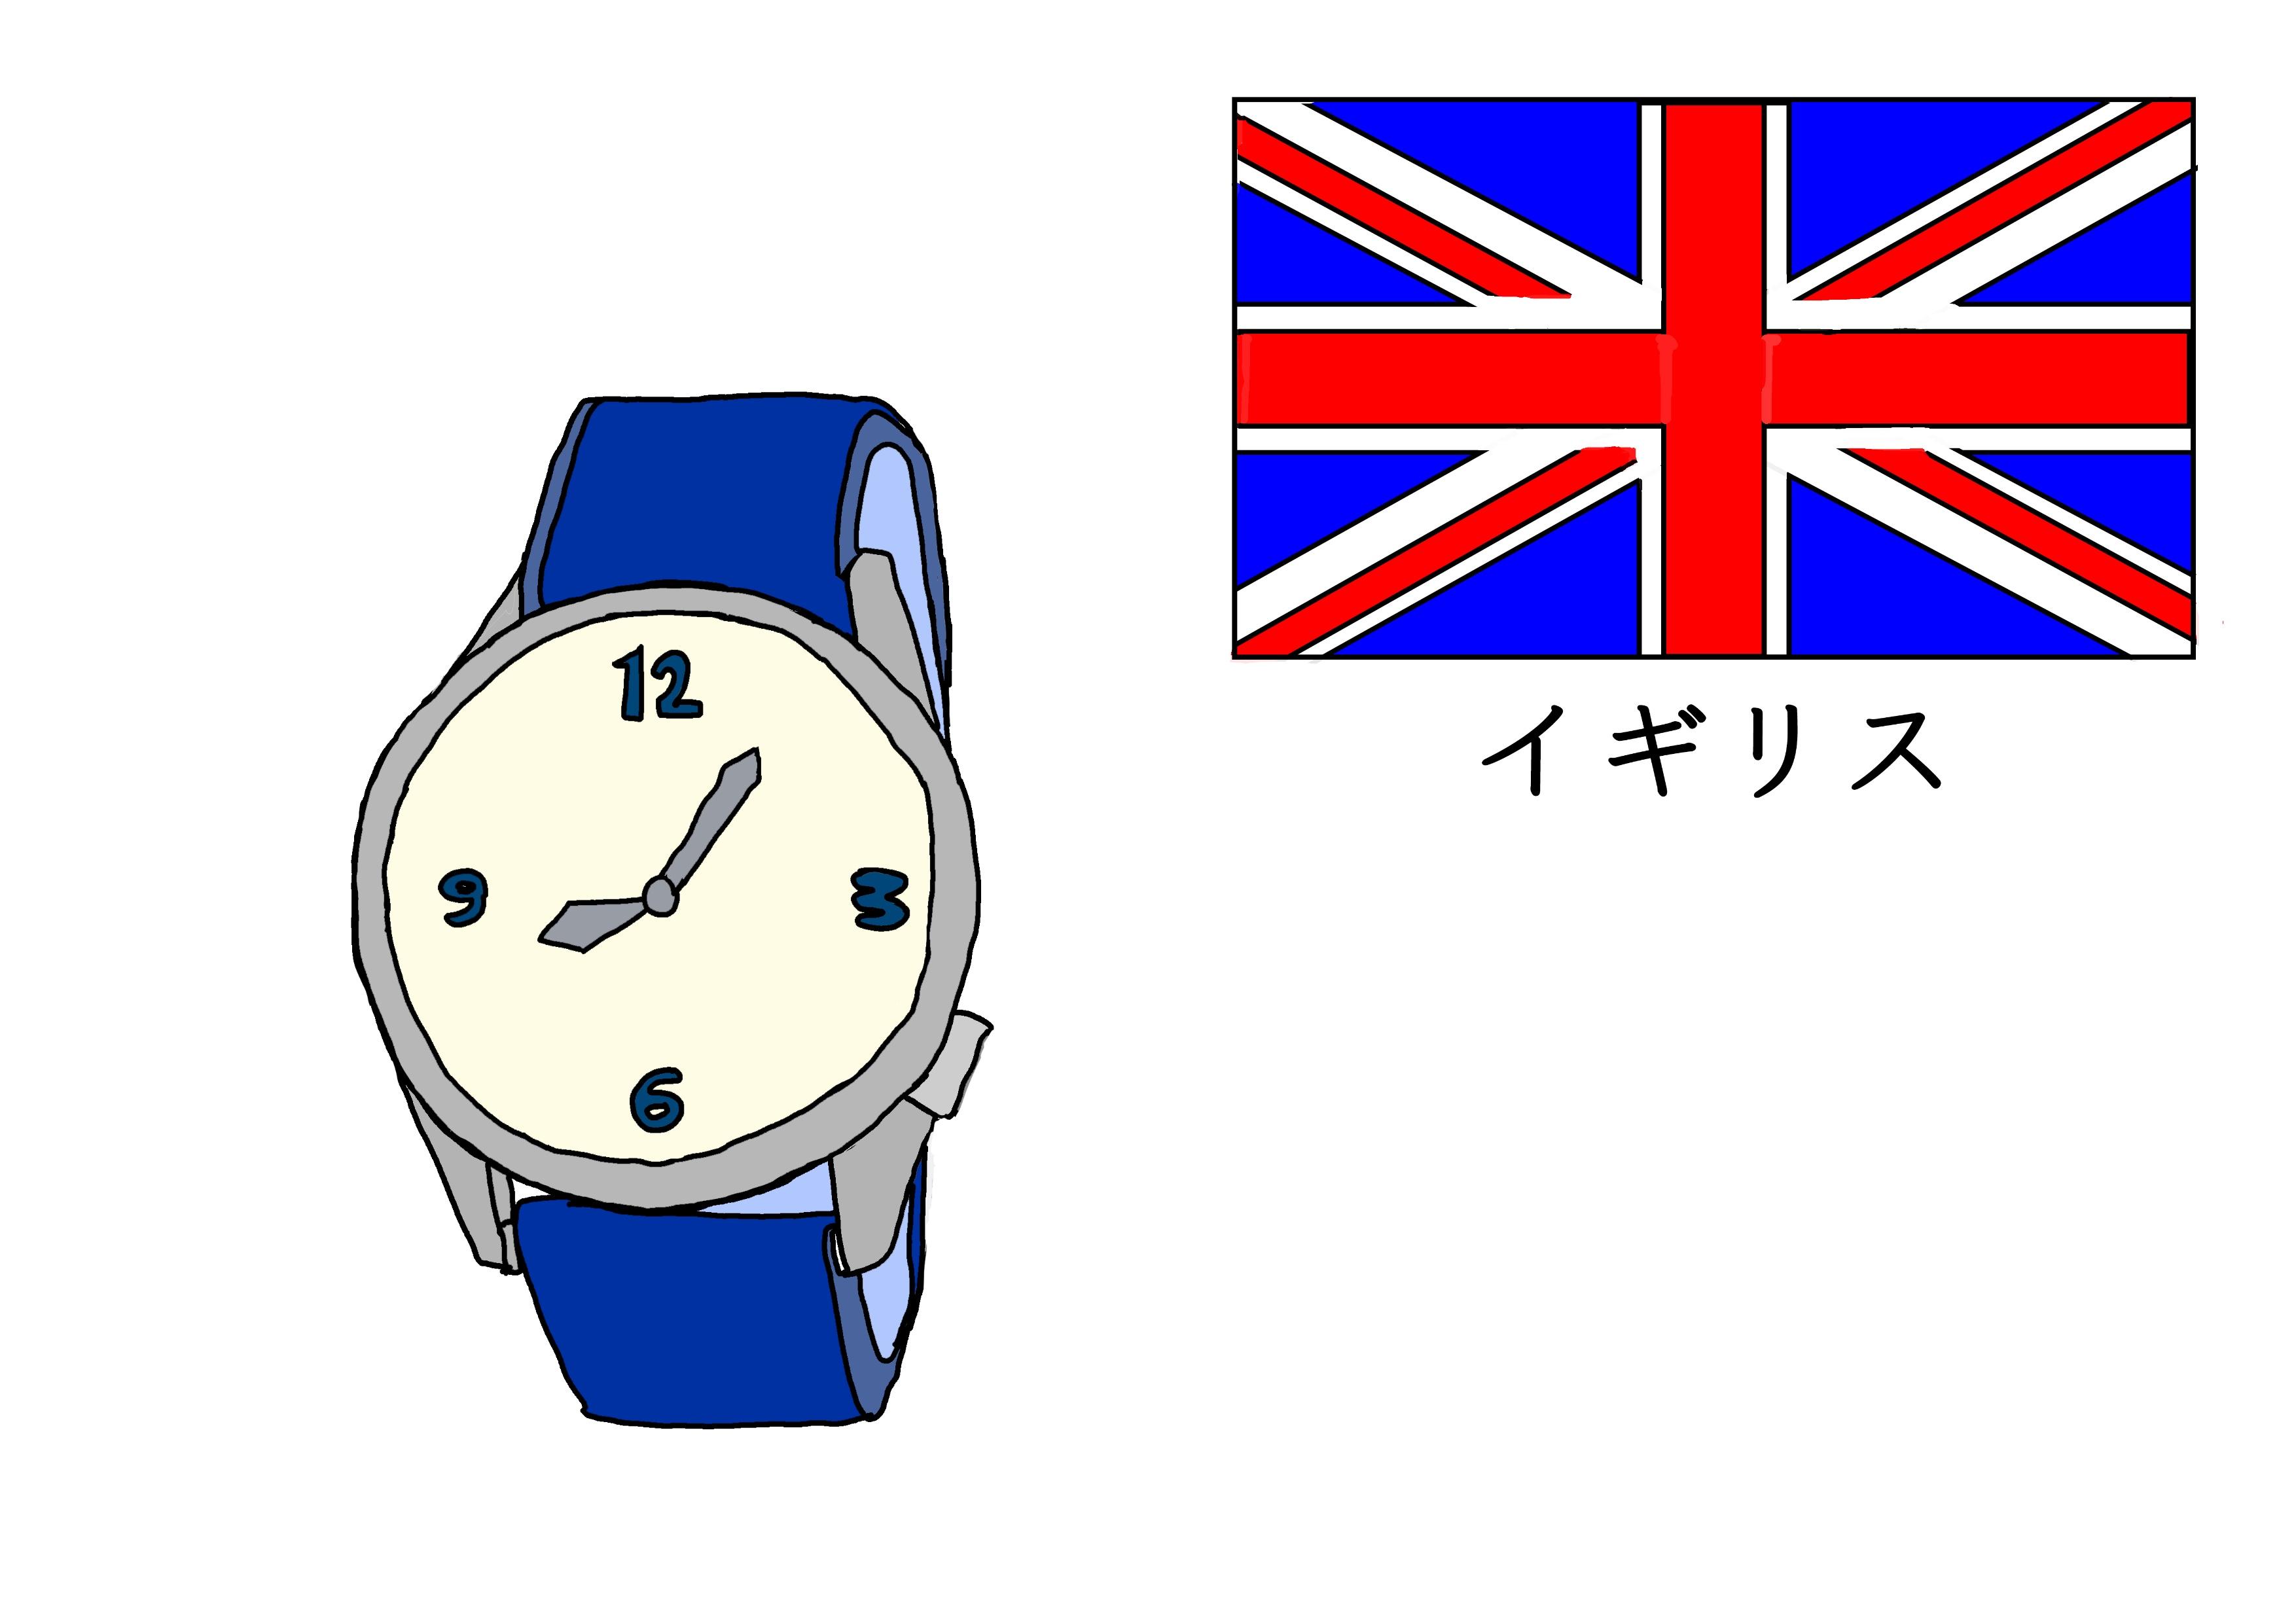 3課イラスト【イギリスの時計】